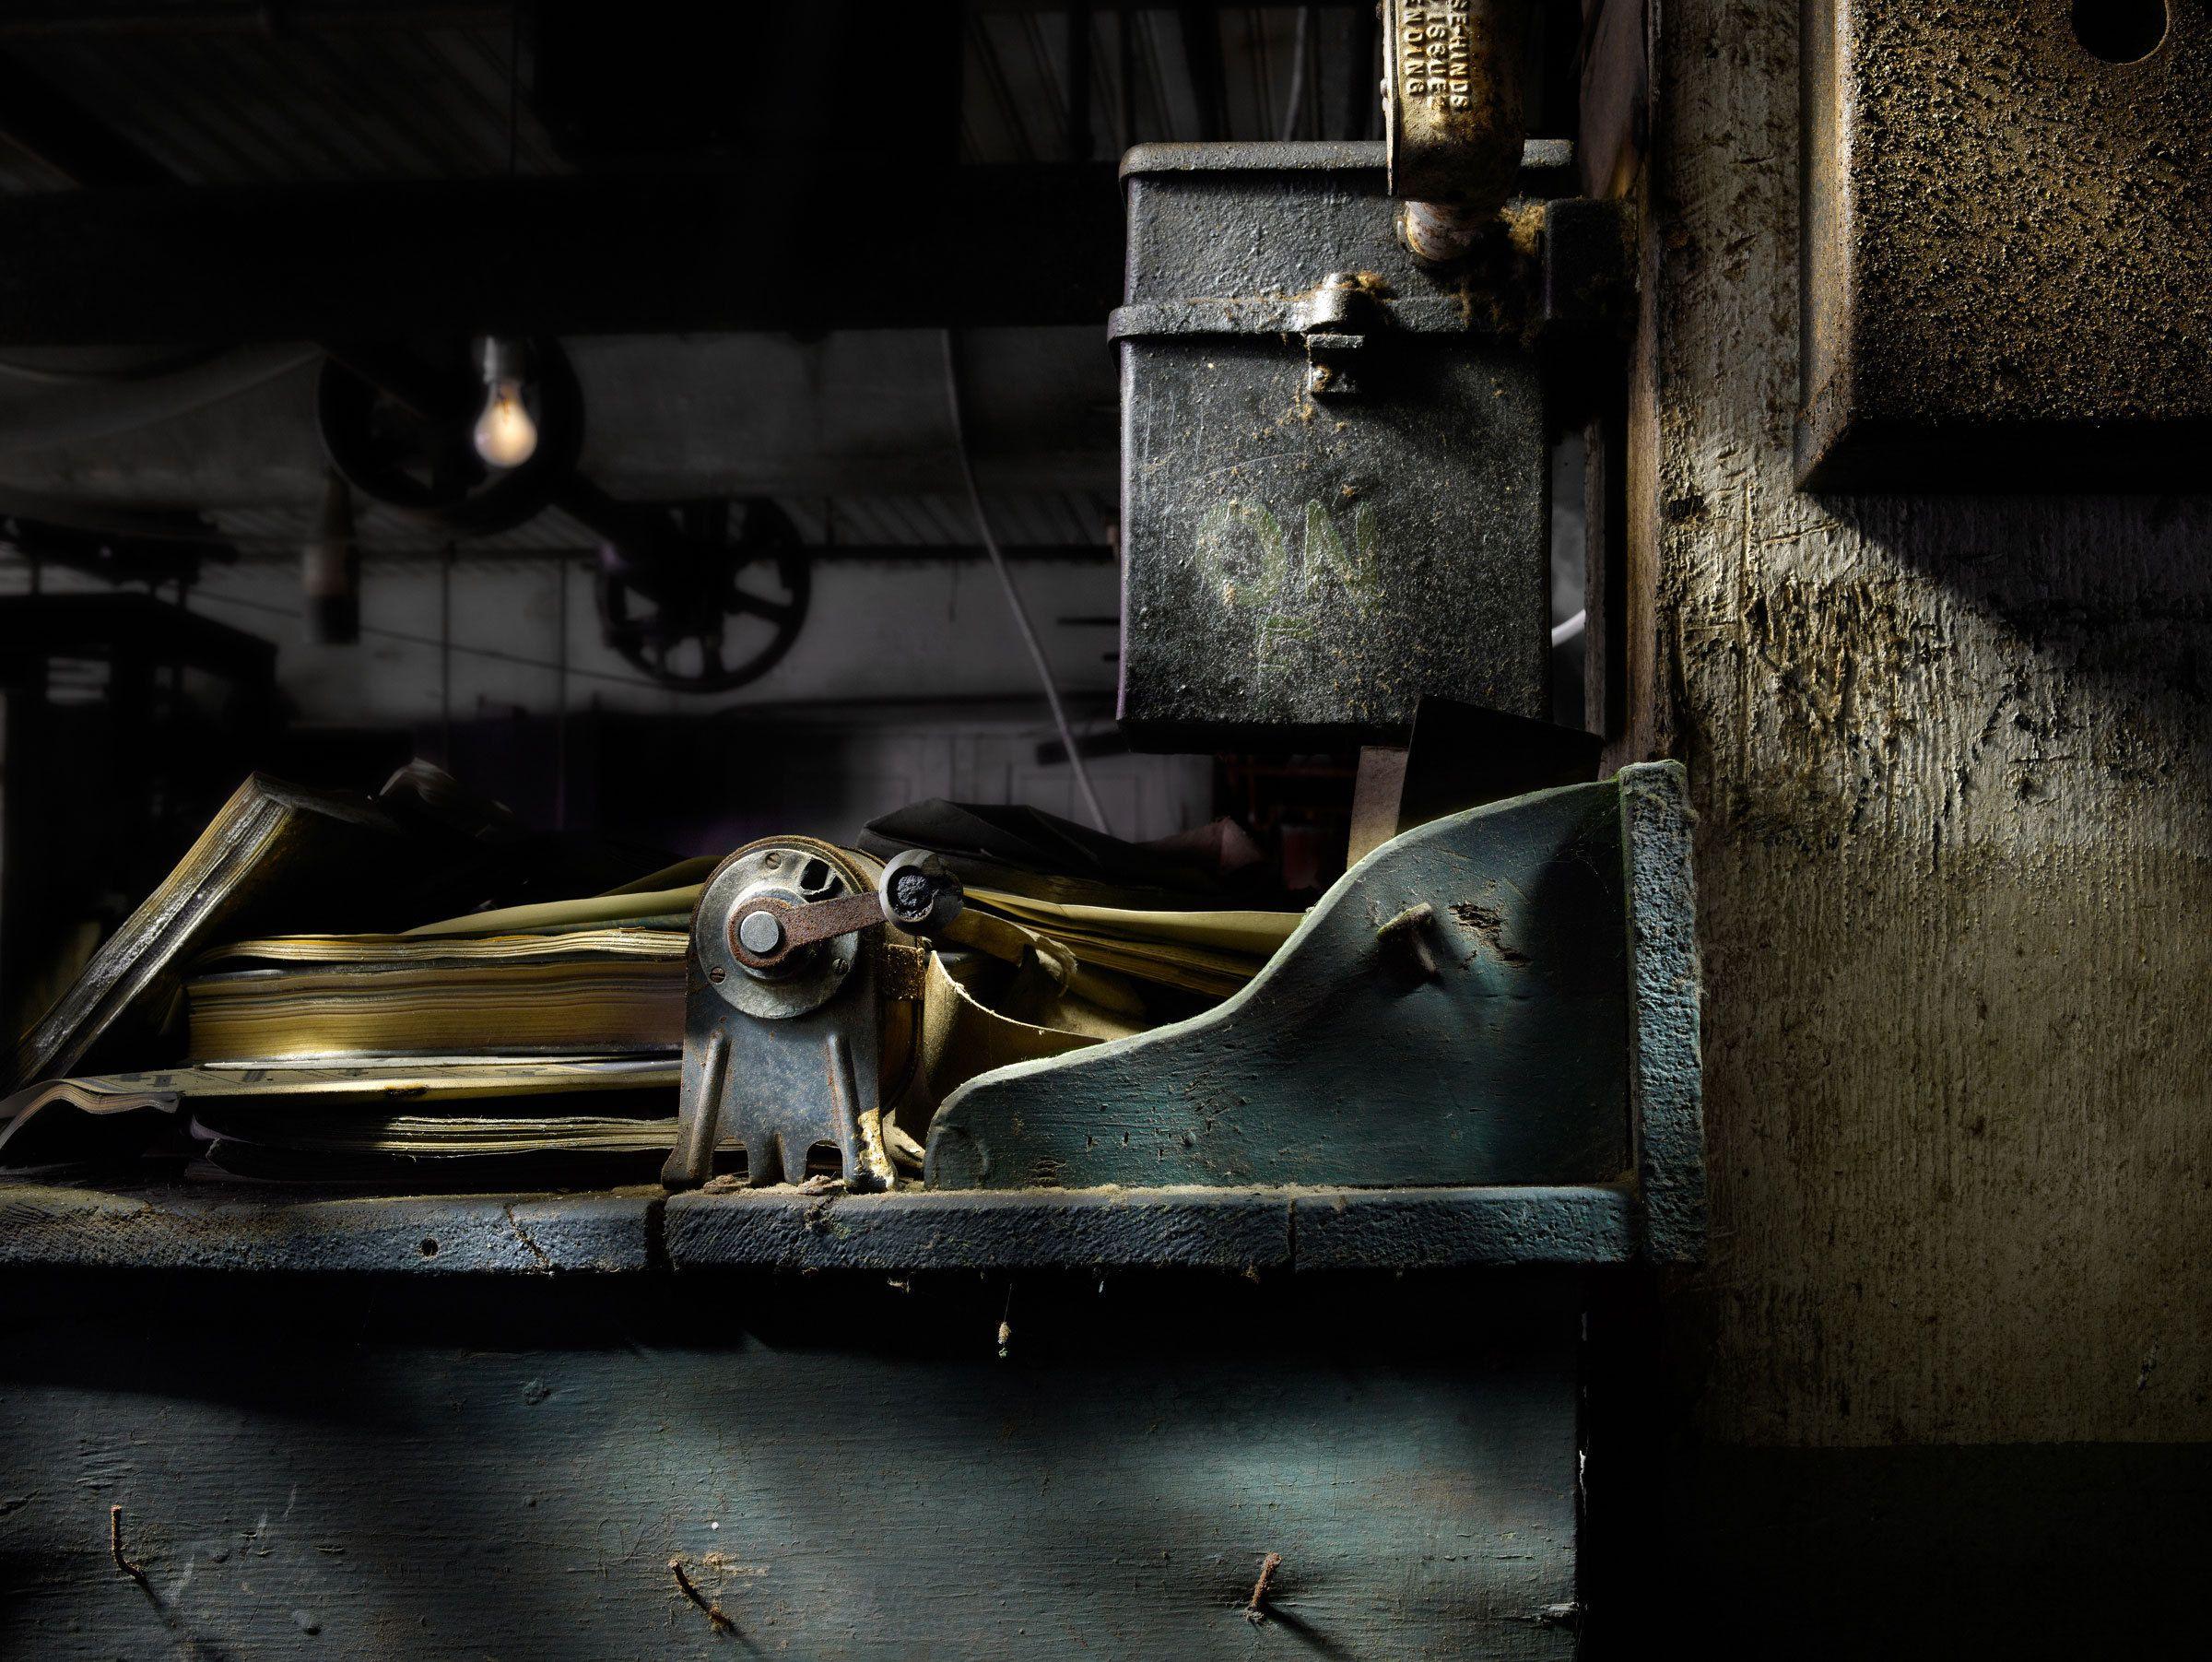 Silk Mill Pencil Sharpener by Harold Ross